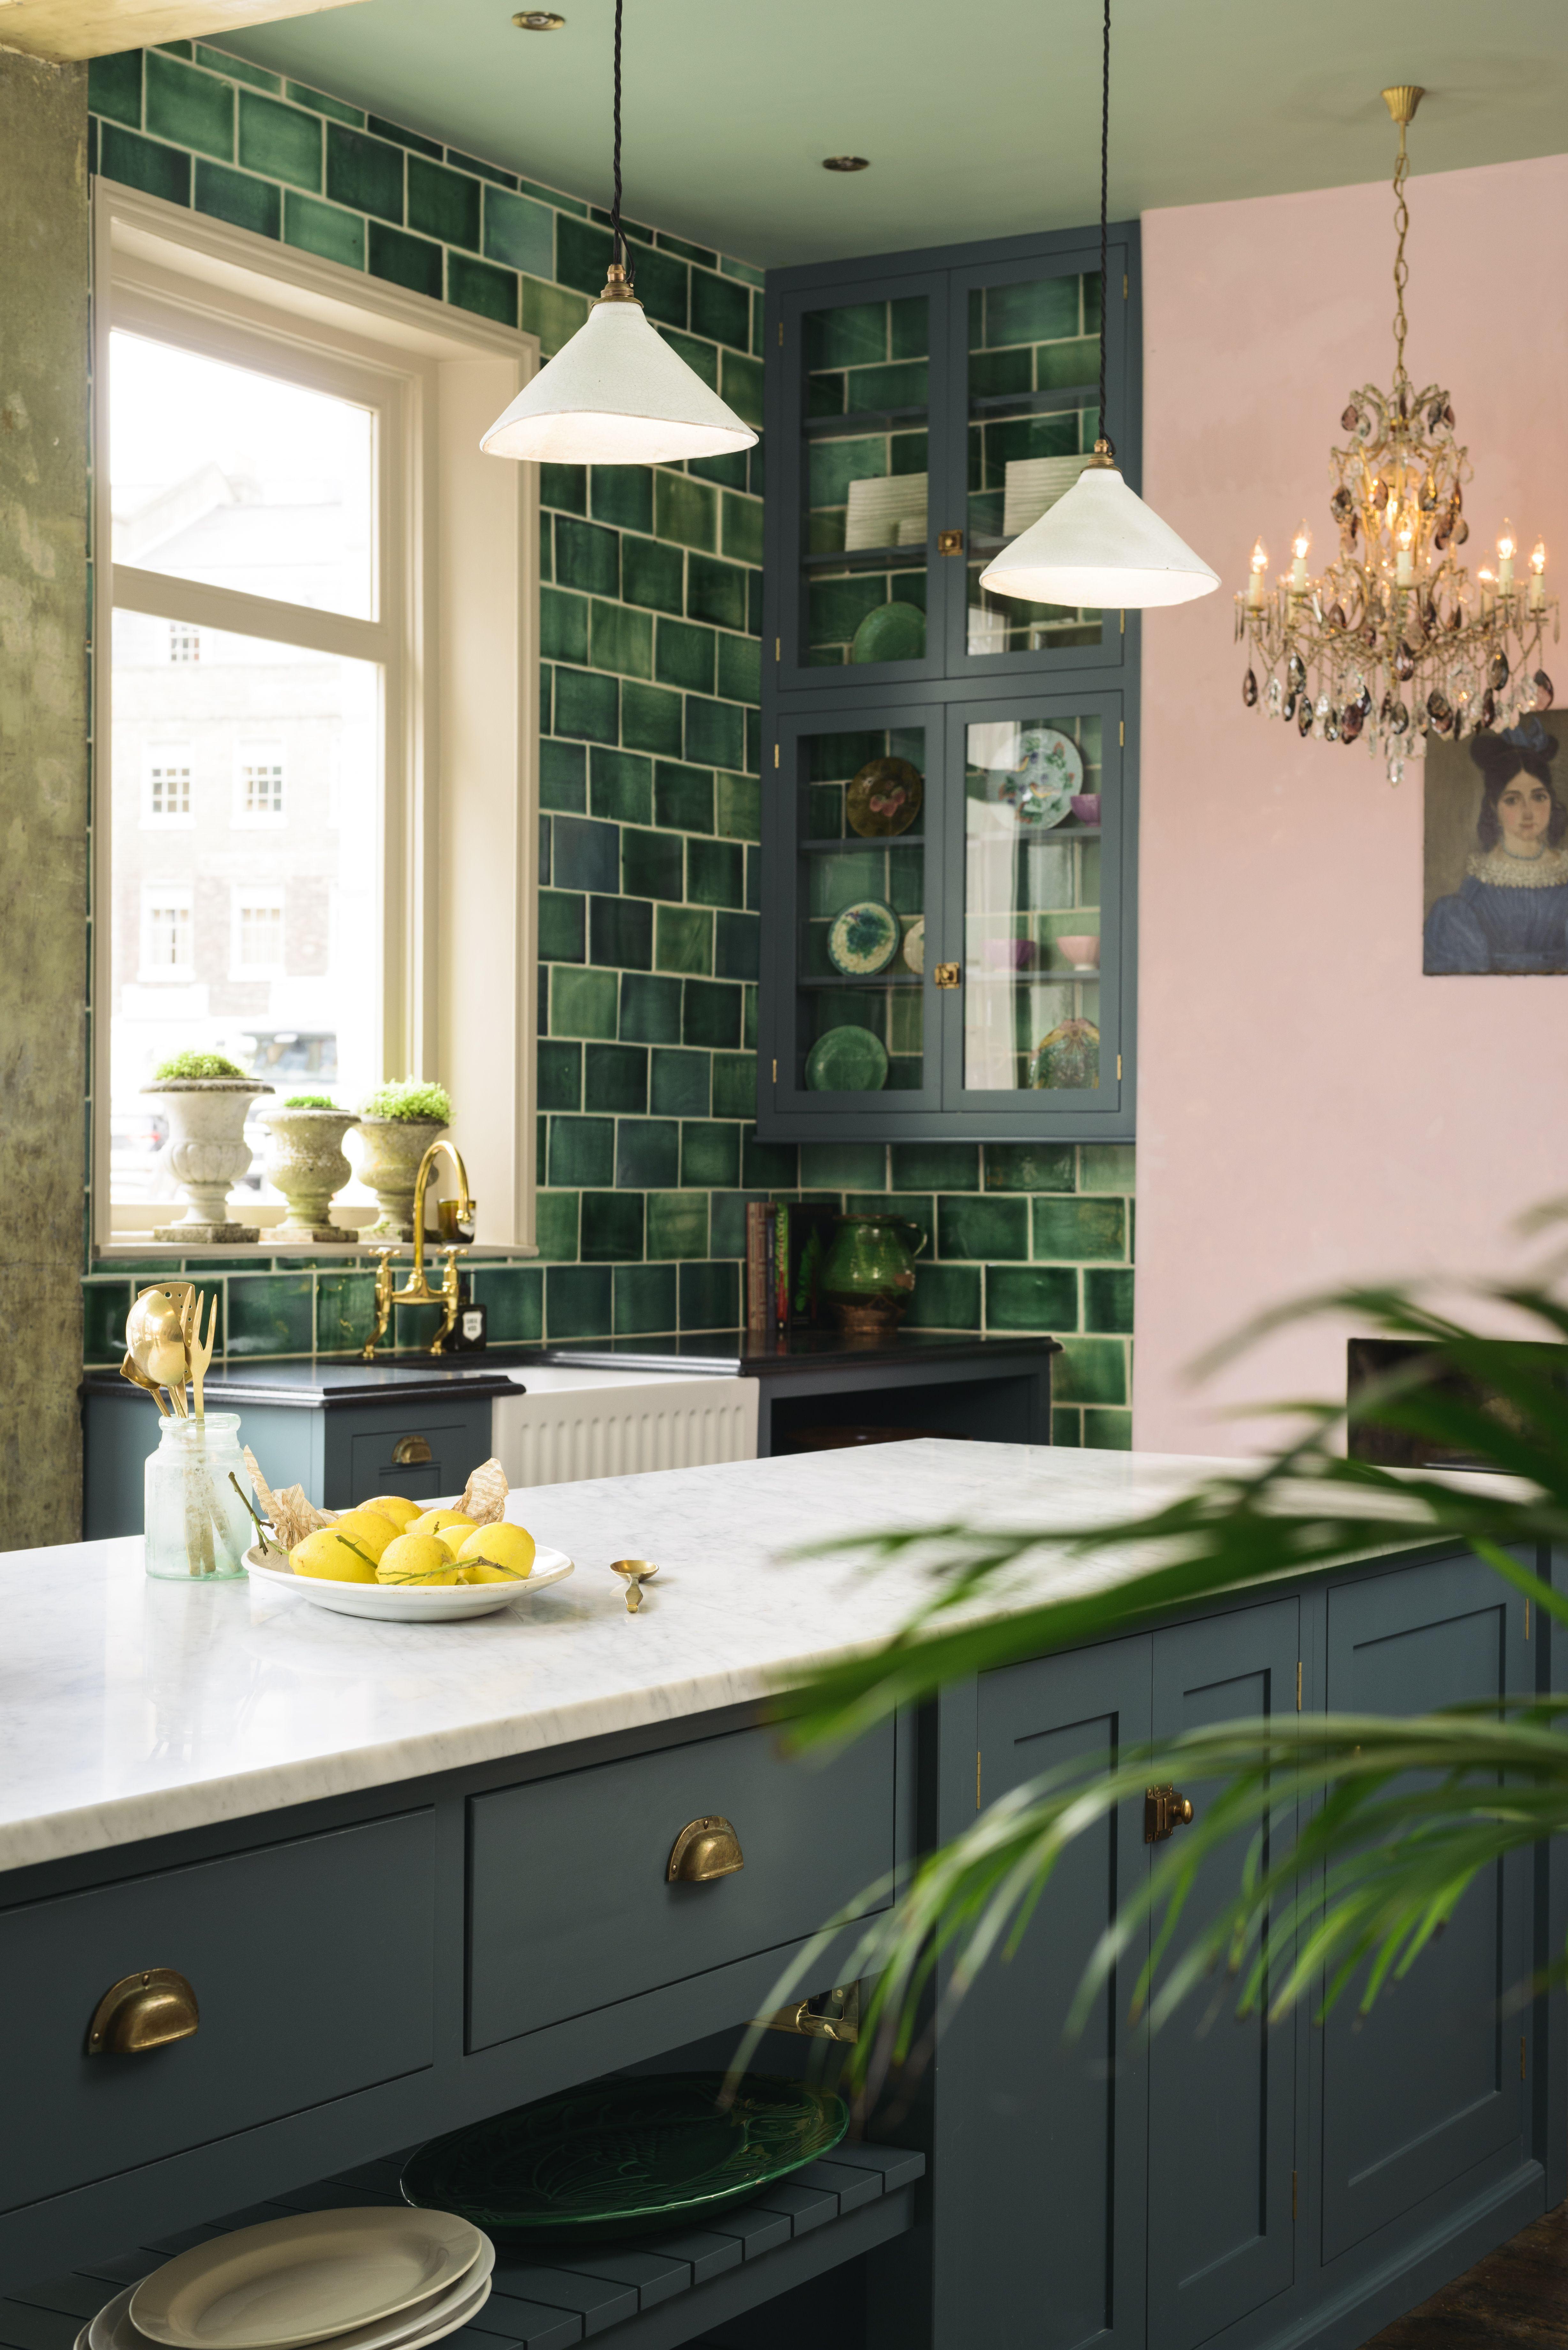 inspiring alcove ideas with images green kitchen decor interior design kitchen kitchen on kitchen interior green id=19122